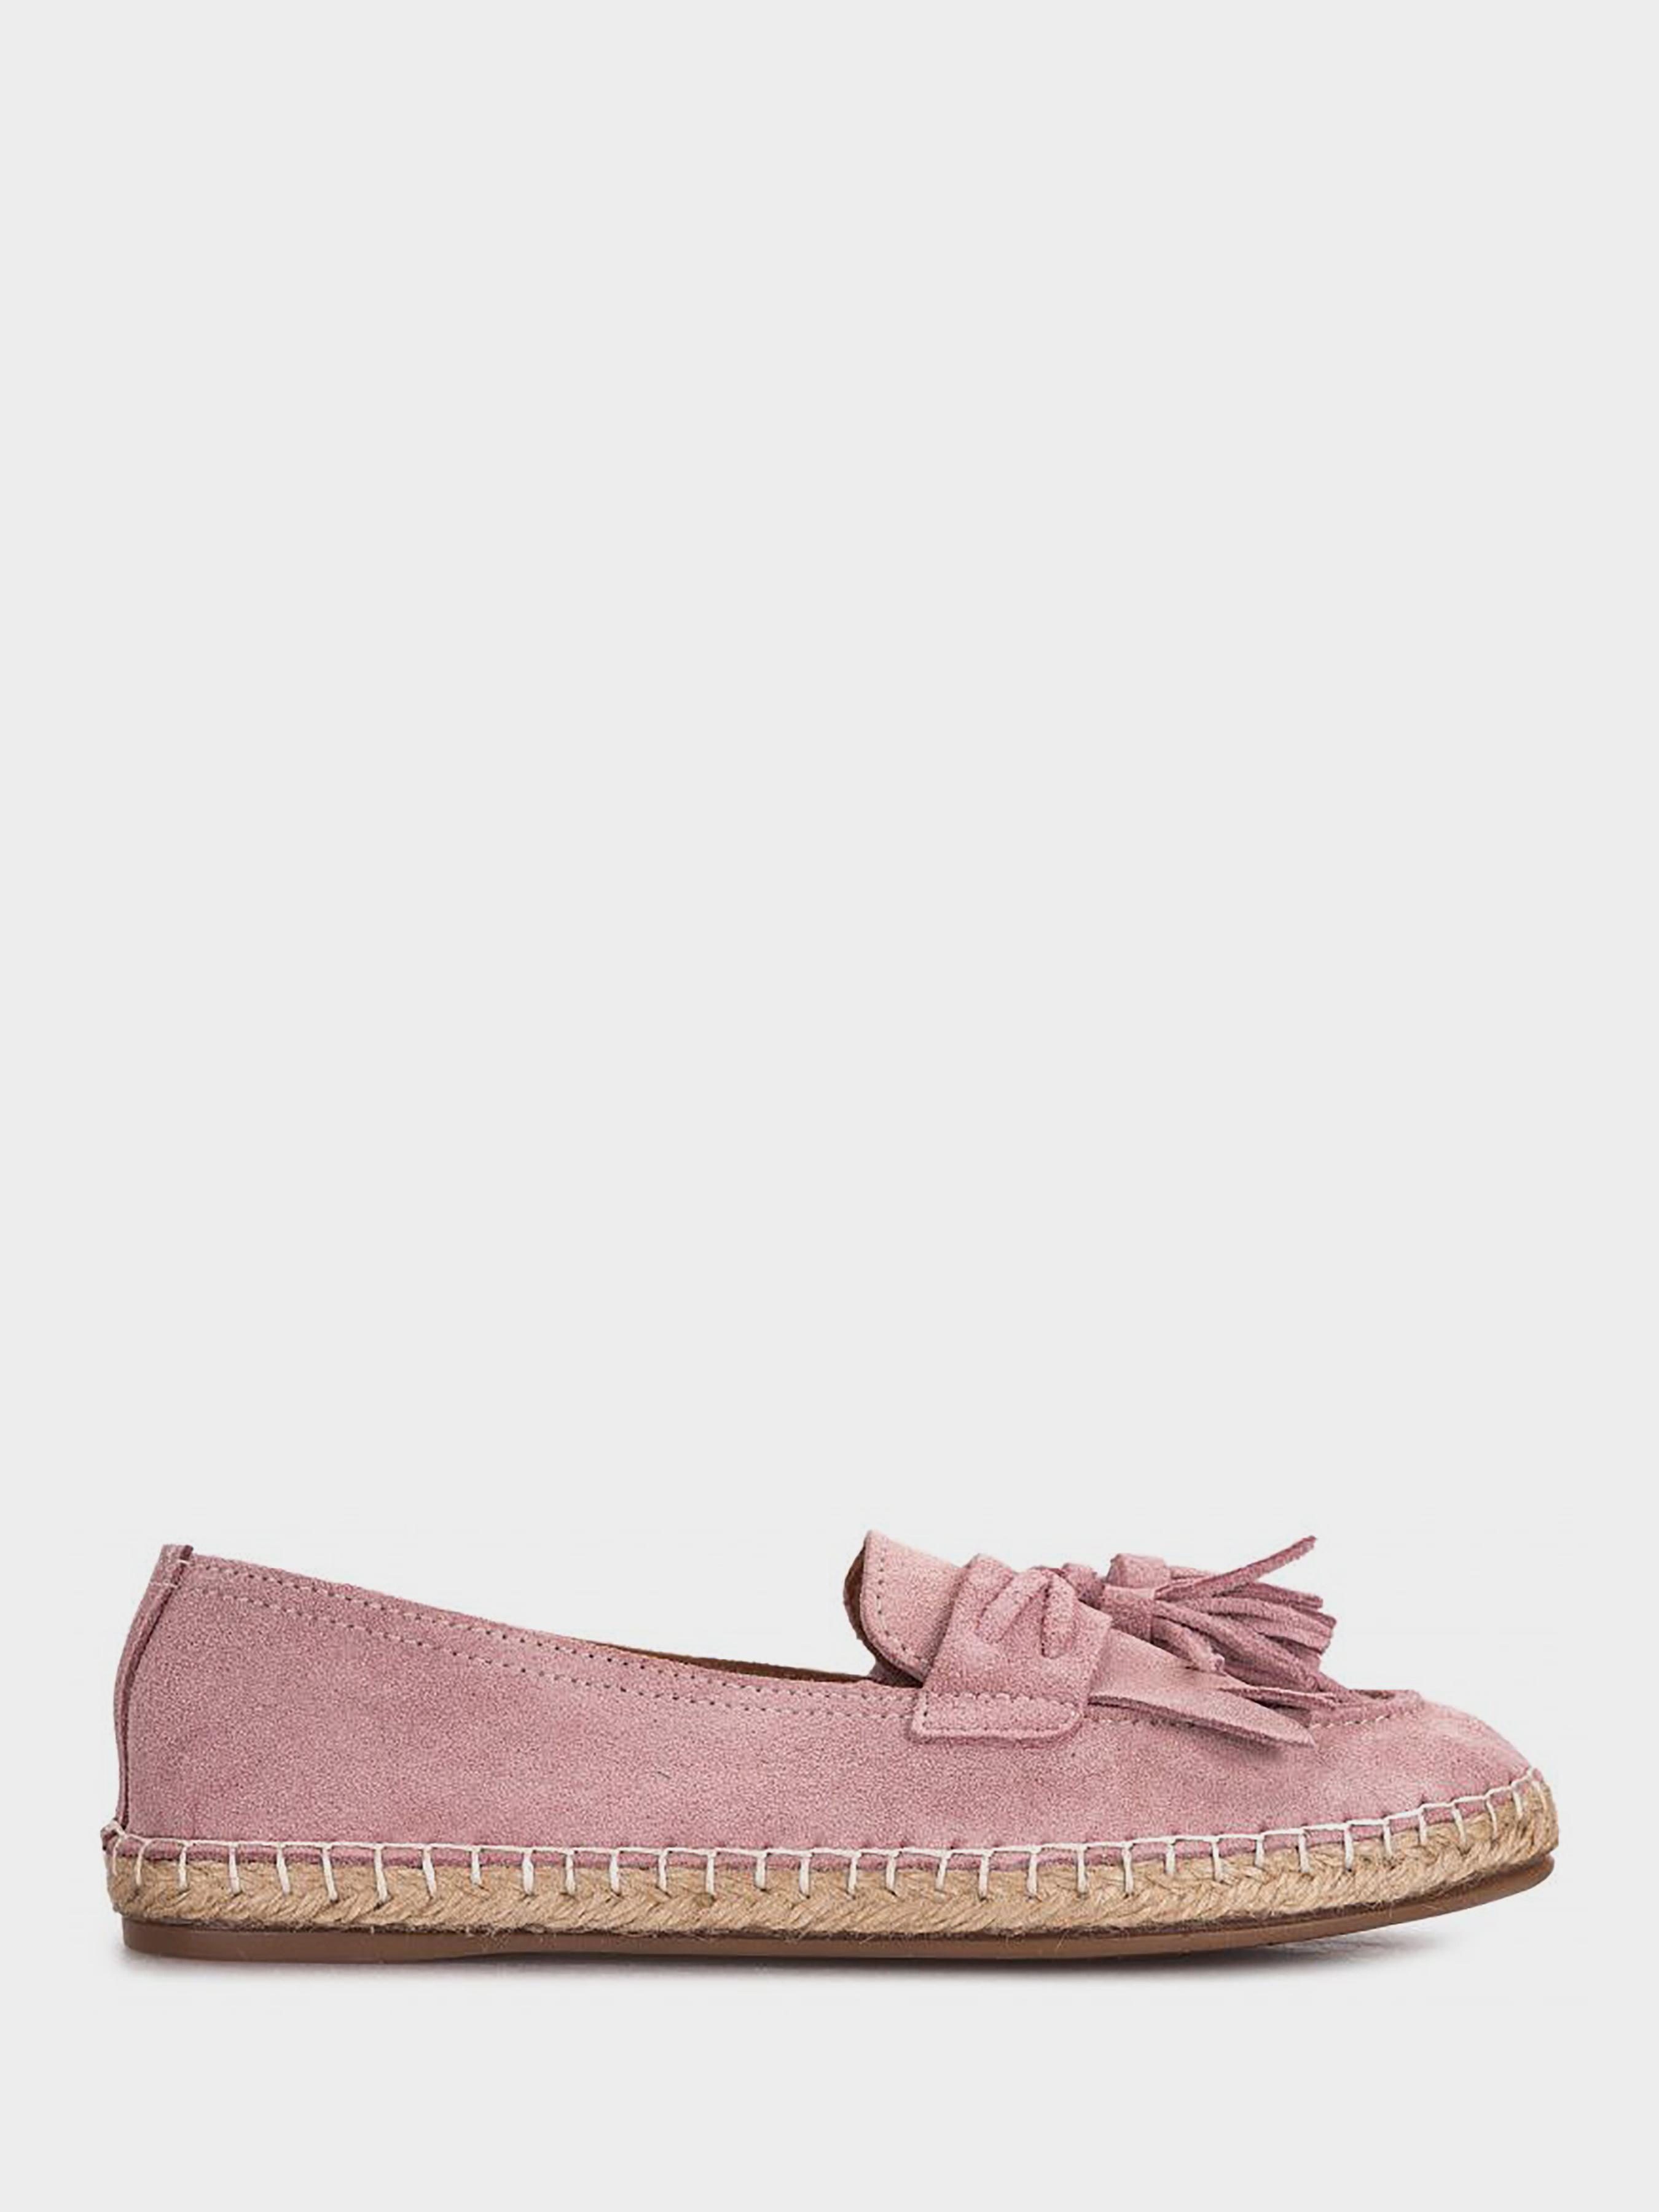 Купить Туфли женские Emmelie Delage 4O66, Розовый